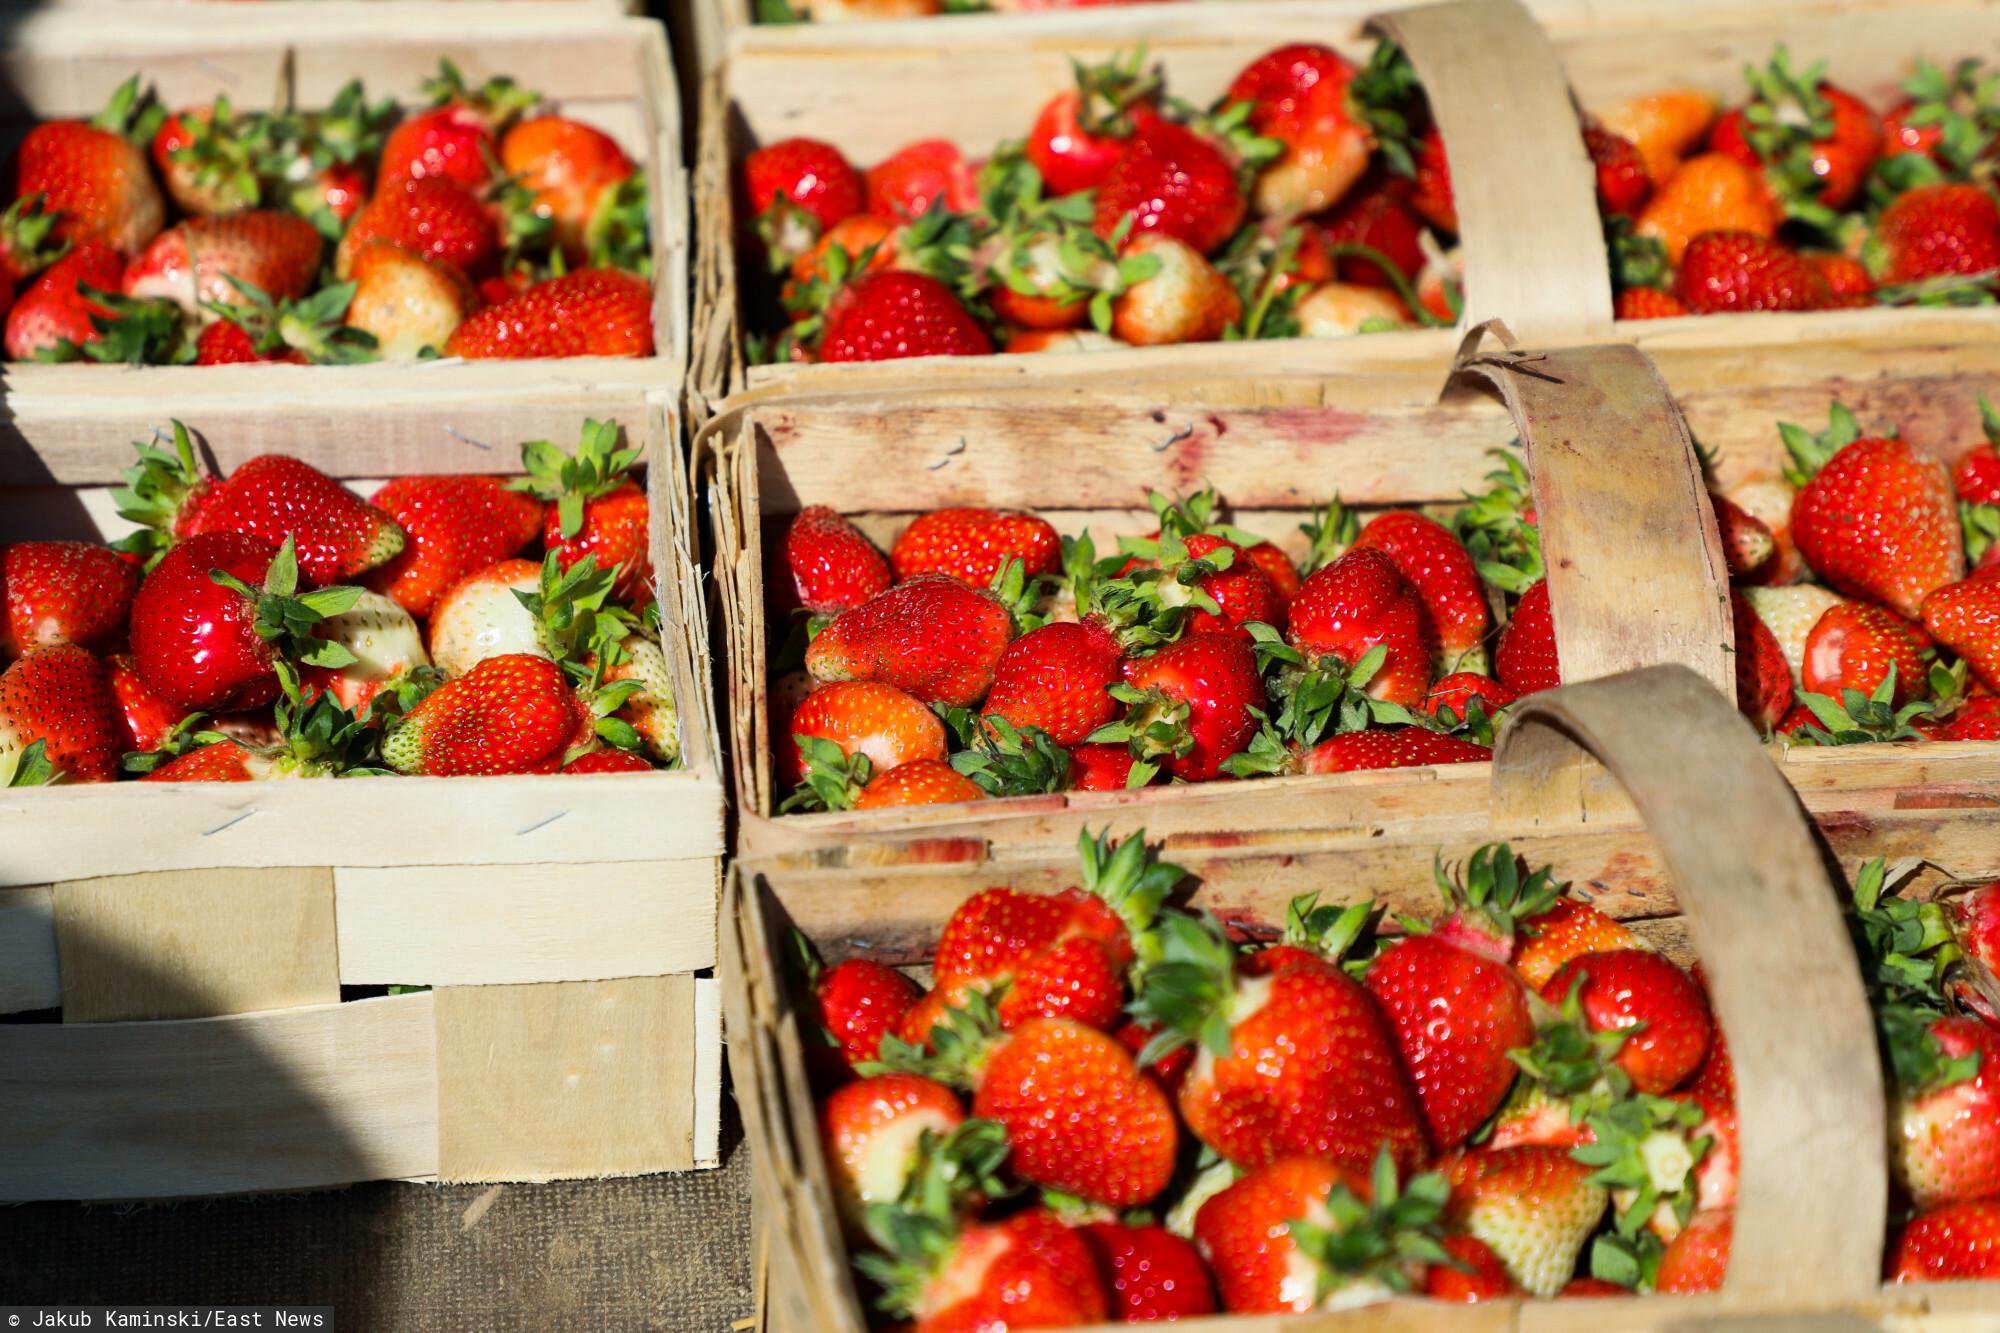 Truskawki z polskich upraw są już dostępne w sklepach